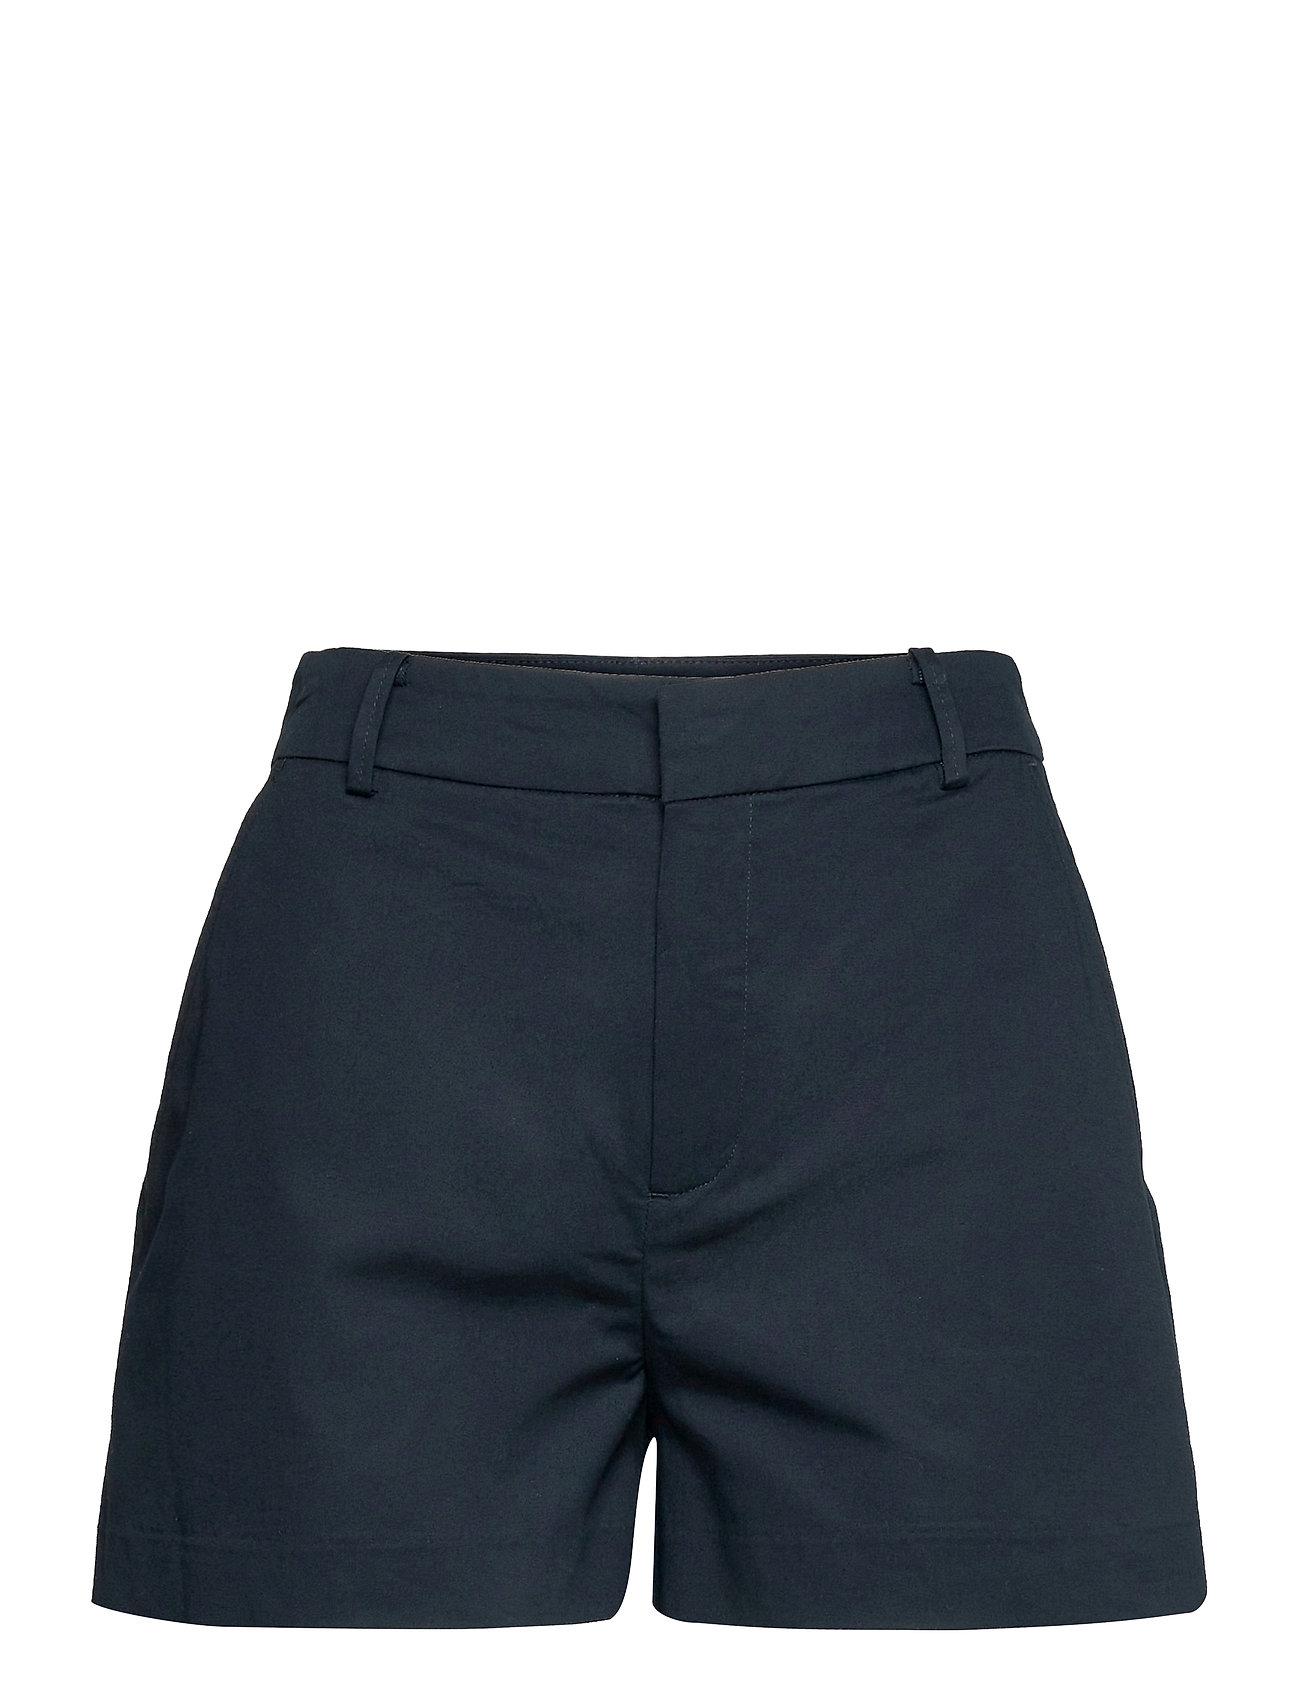 Image of Chino Shorts Chino Shorts Blå Mango (3533150699)